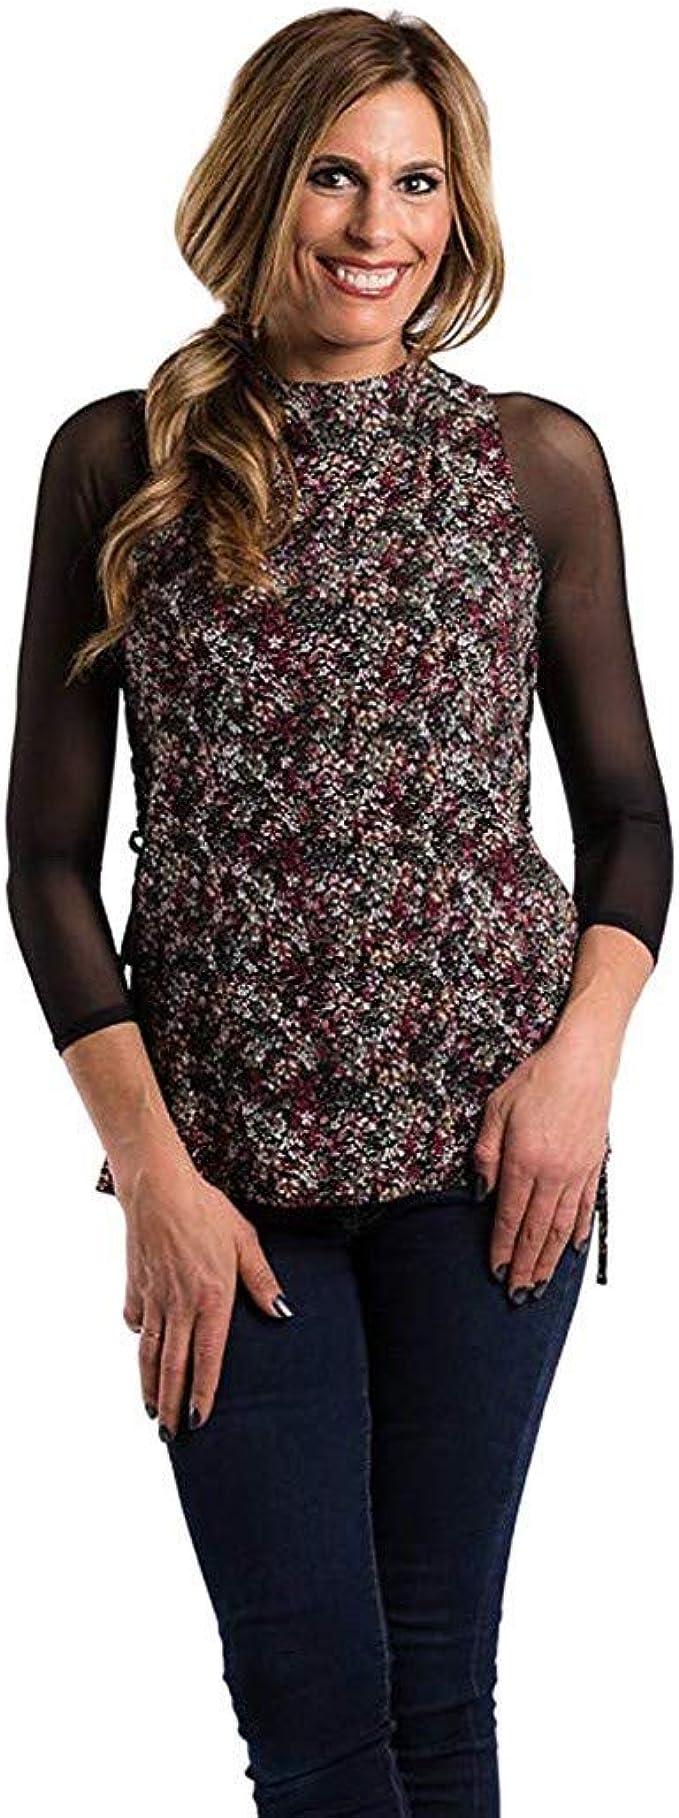 Nouveau Femme sans manches en mousseline de soie Sheer Chemise Gilet Bouton Col Femmes Haut Plus Taille